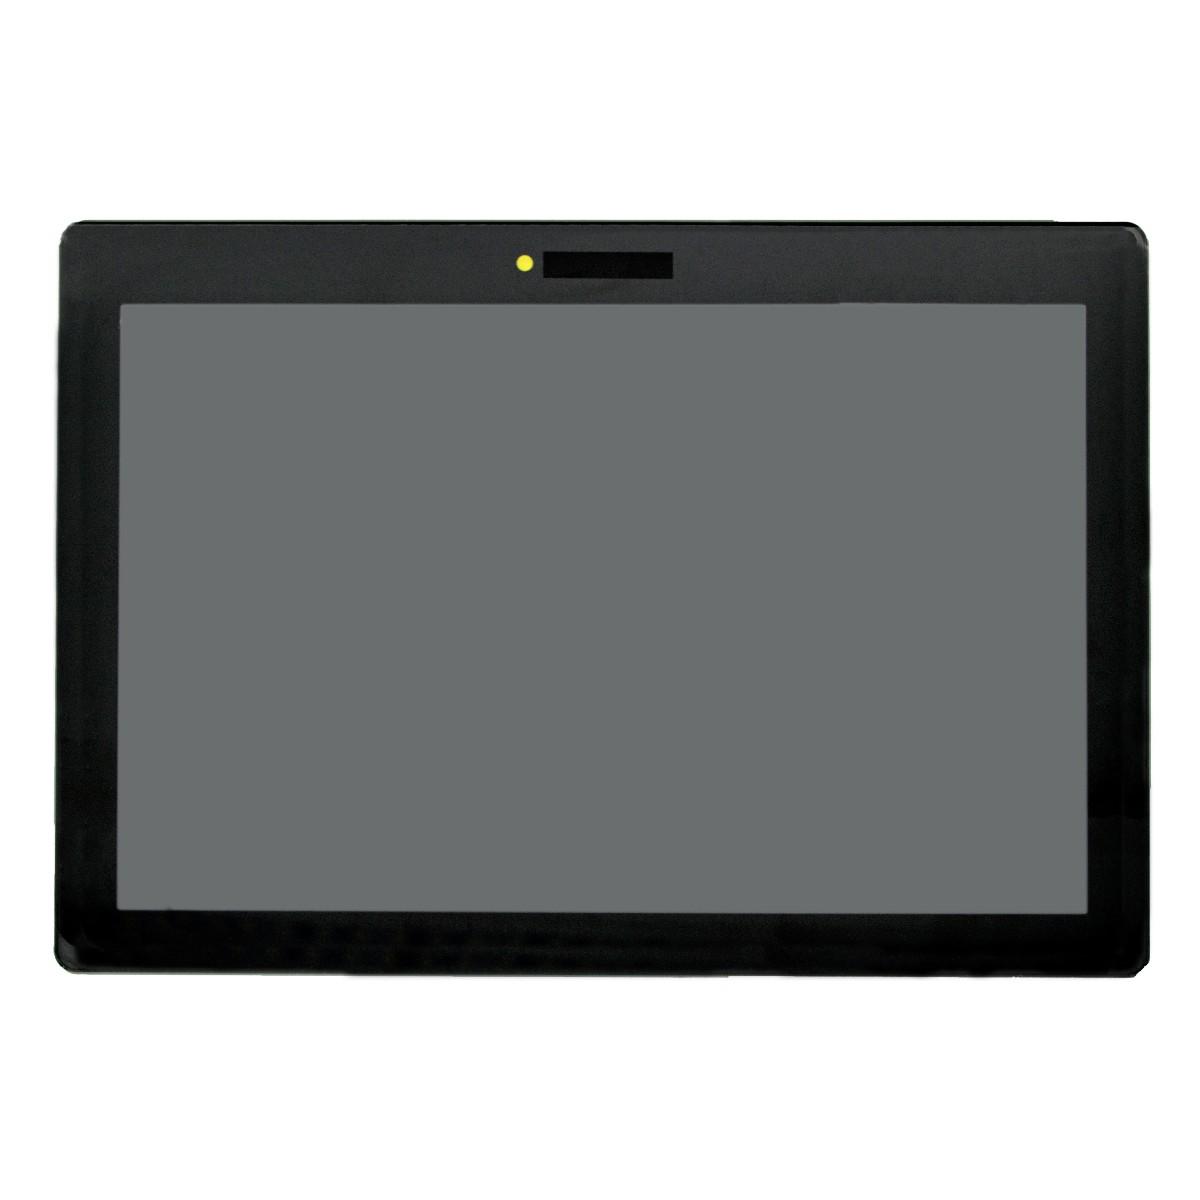 """Οθόνη & Μηχανισμός Αφής Lenovo Tab 2 A10-30 10.1"""" Μαύρο OEM Type A"""